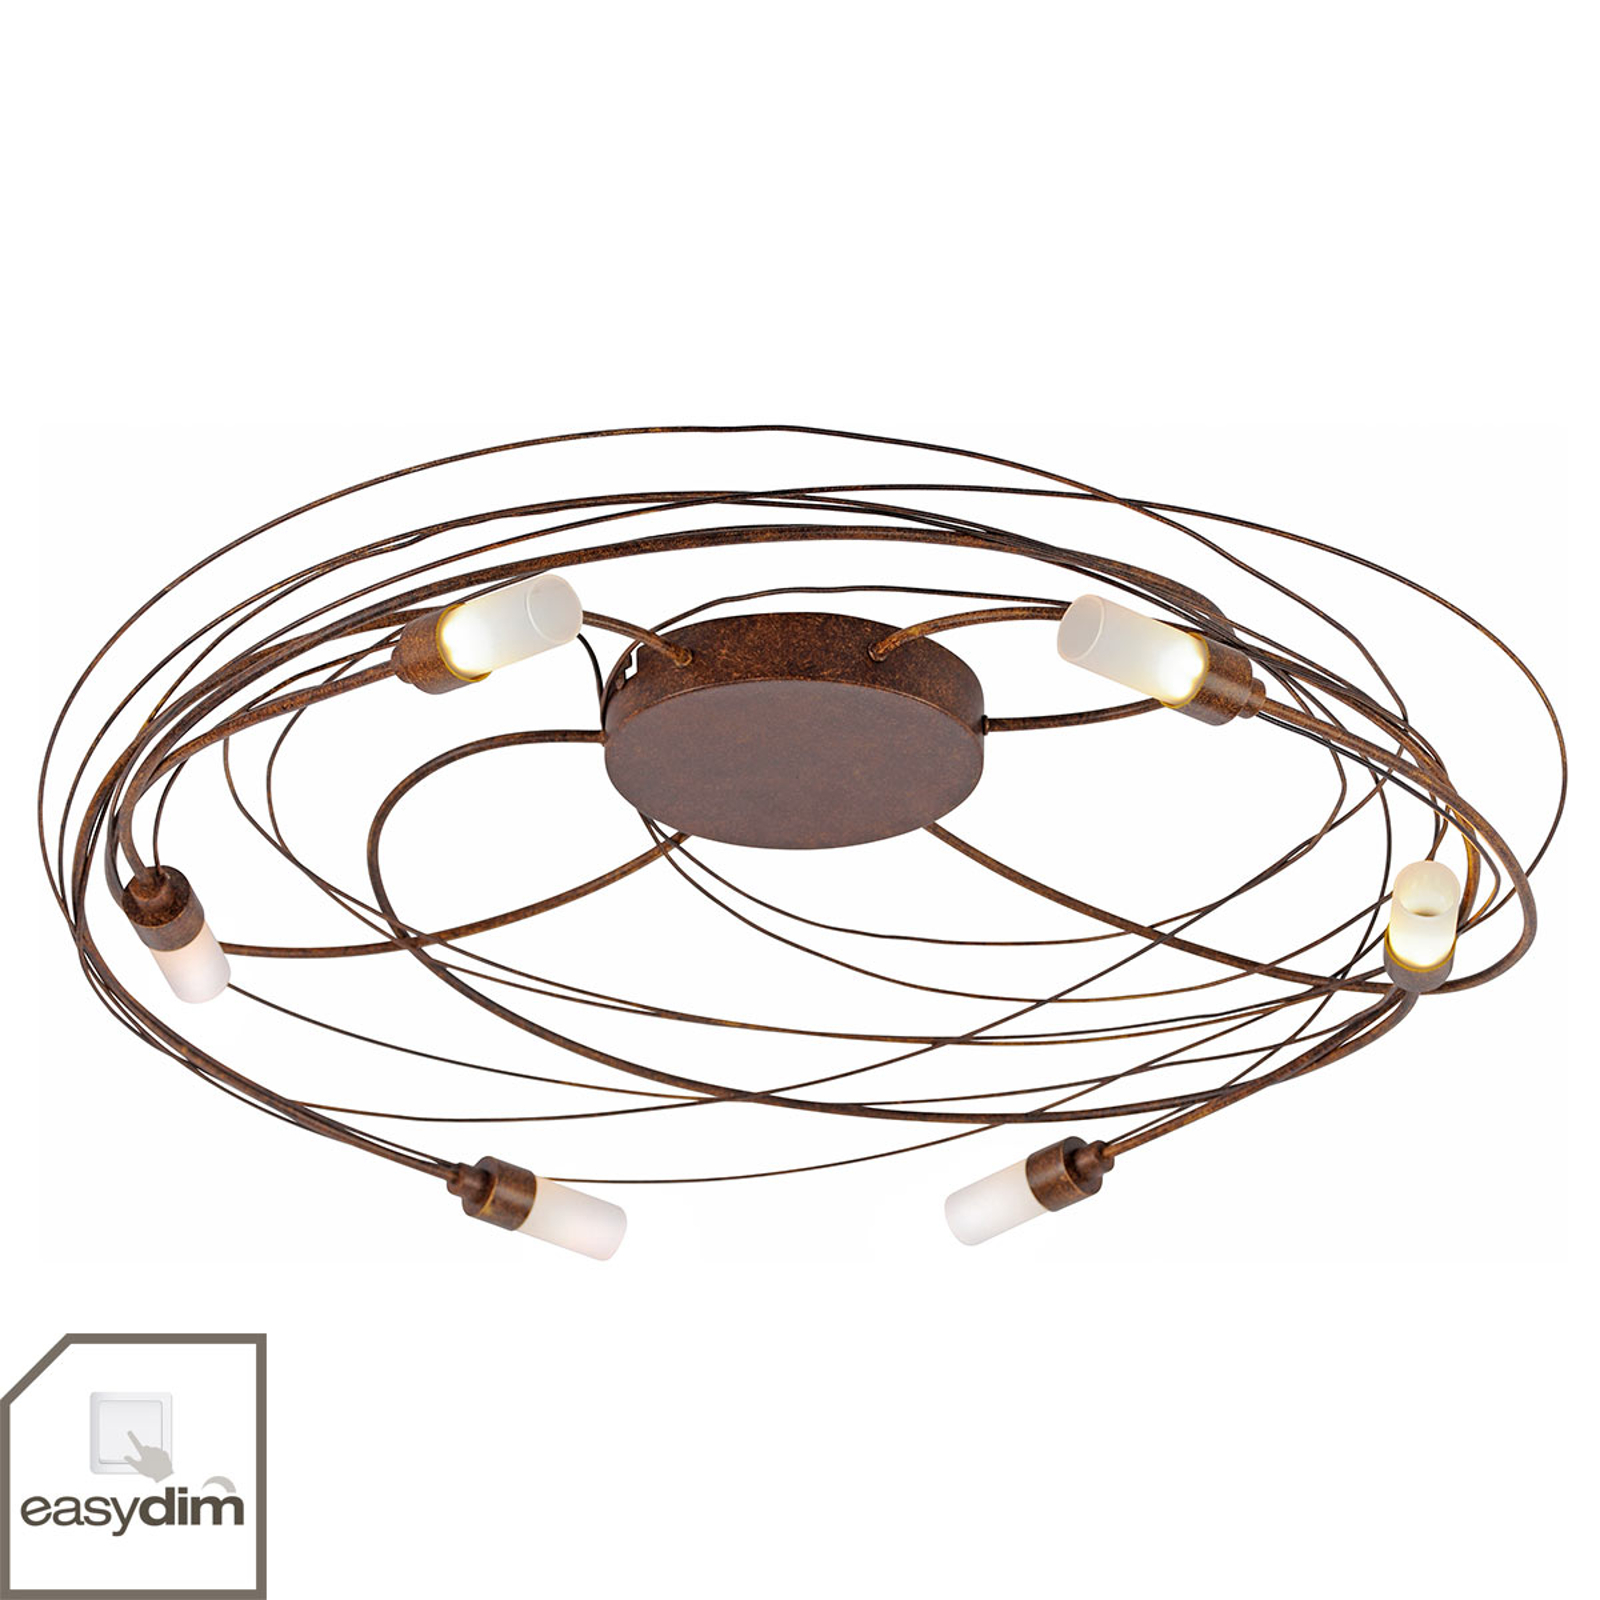 Lampa sufitowa Nelia z LED 6-pkt. Ø 60cm rdzawa